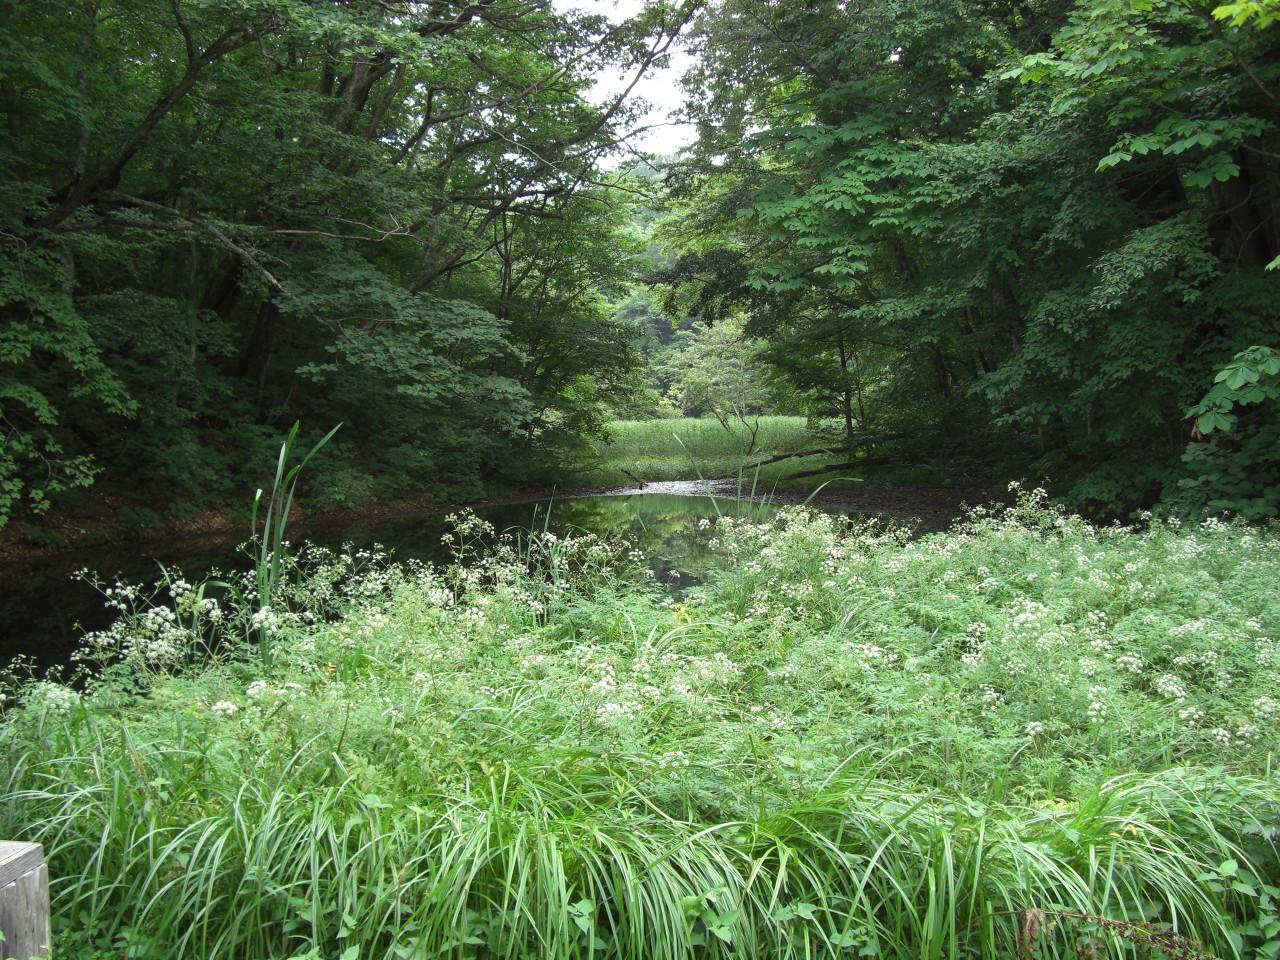 青森 風景 秋 上北 十和田市 湖畔 奥入瀬 森 蔦七沼 瓢箪沼